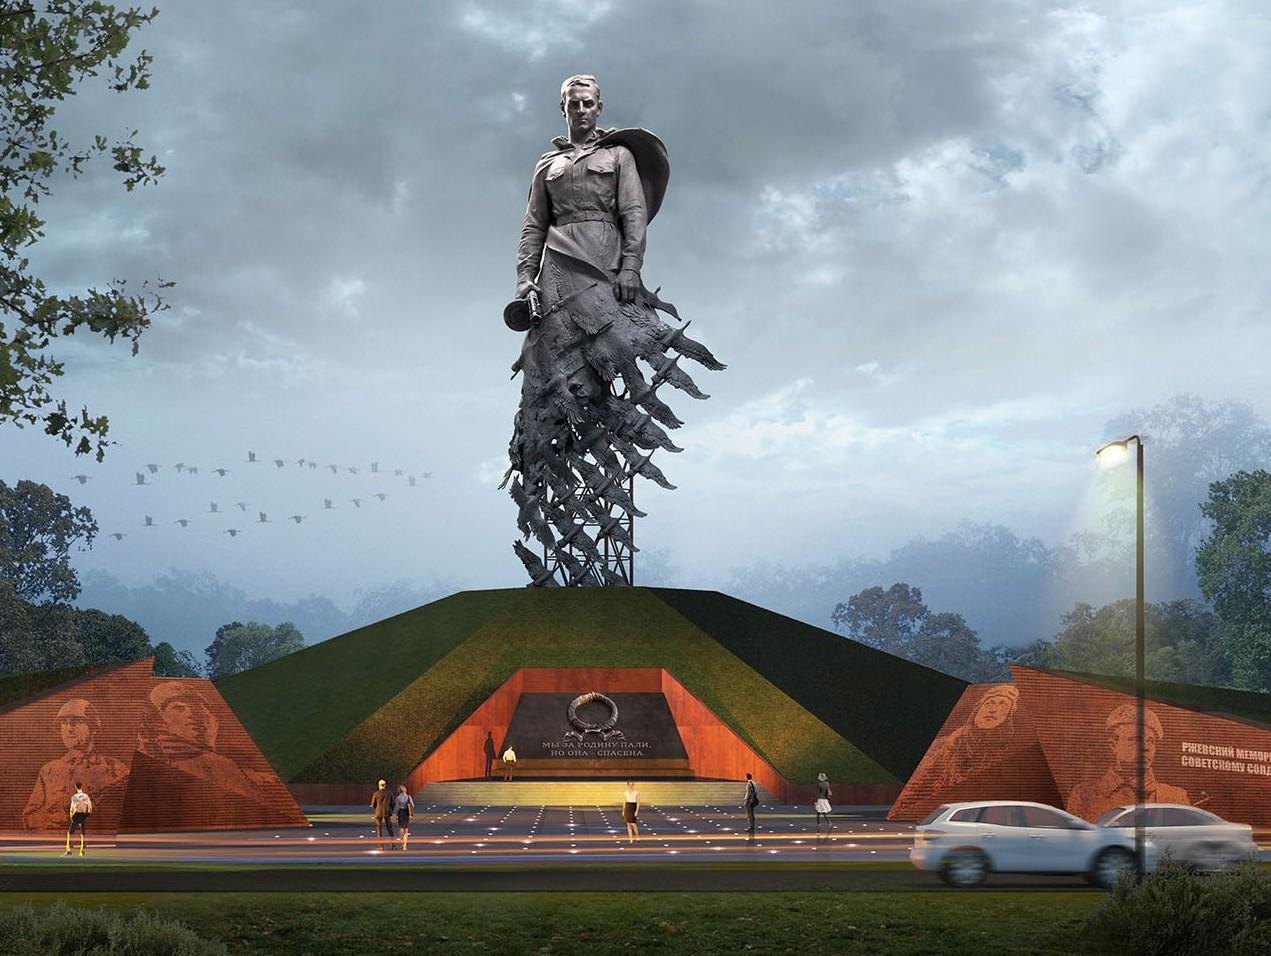 Музей Ржевского мемориала начал приём данных о бойцах, сражавшихся на Ржевско-Вяземском направлении